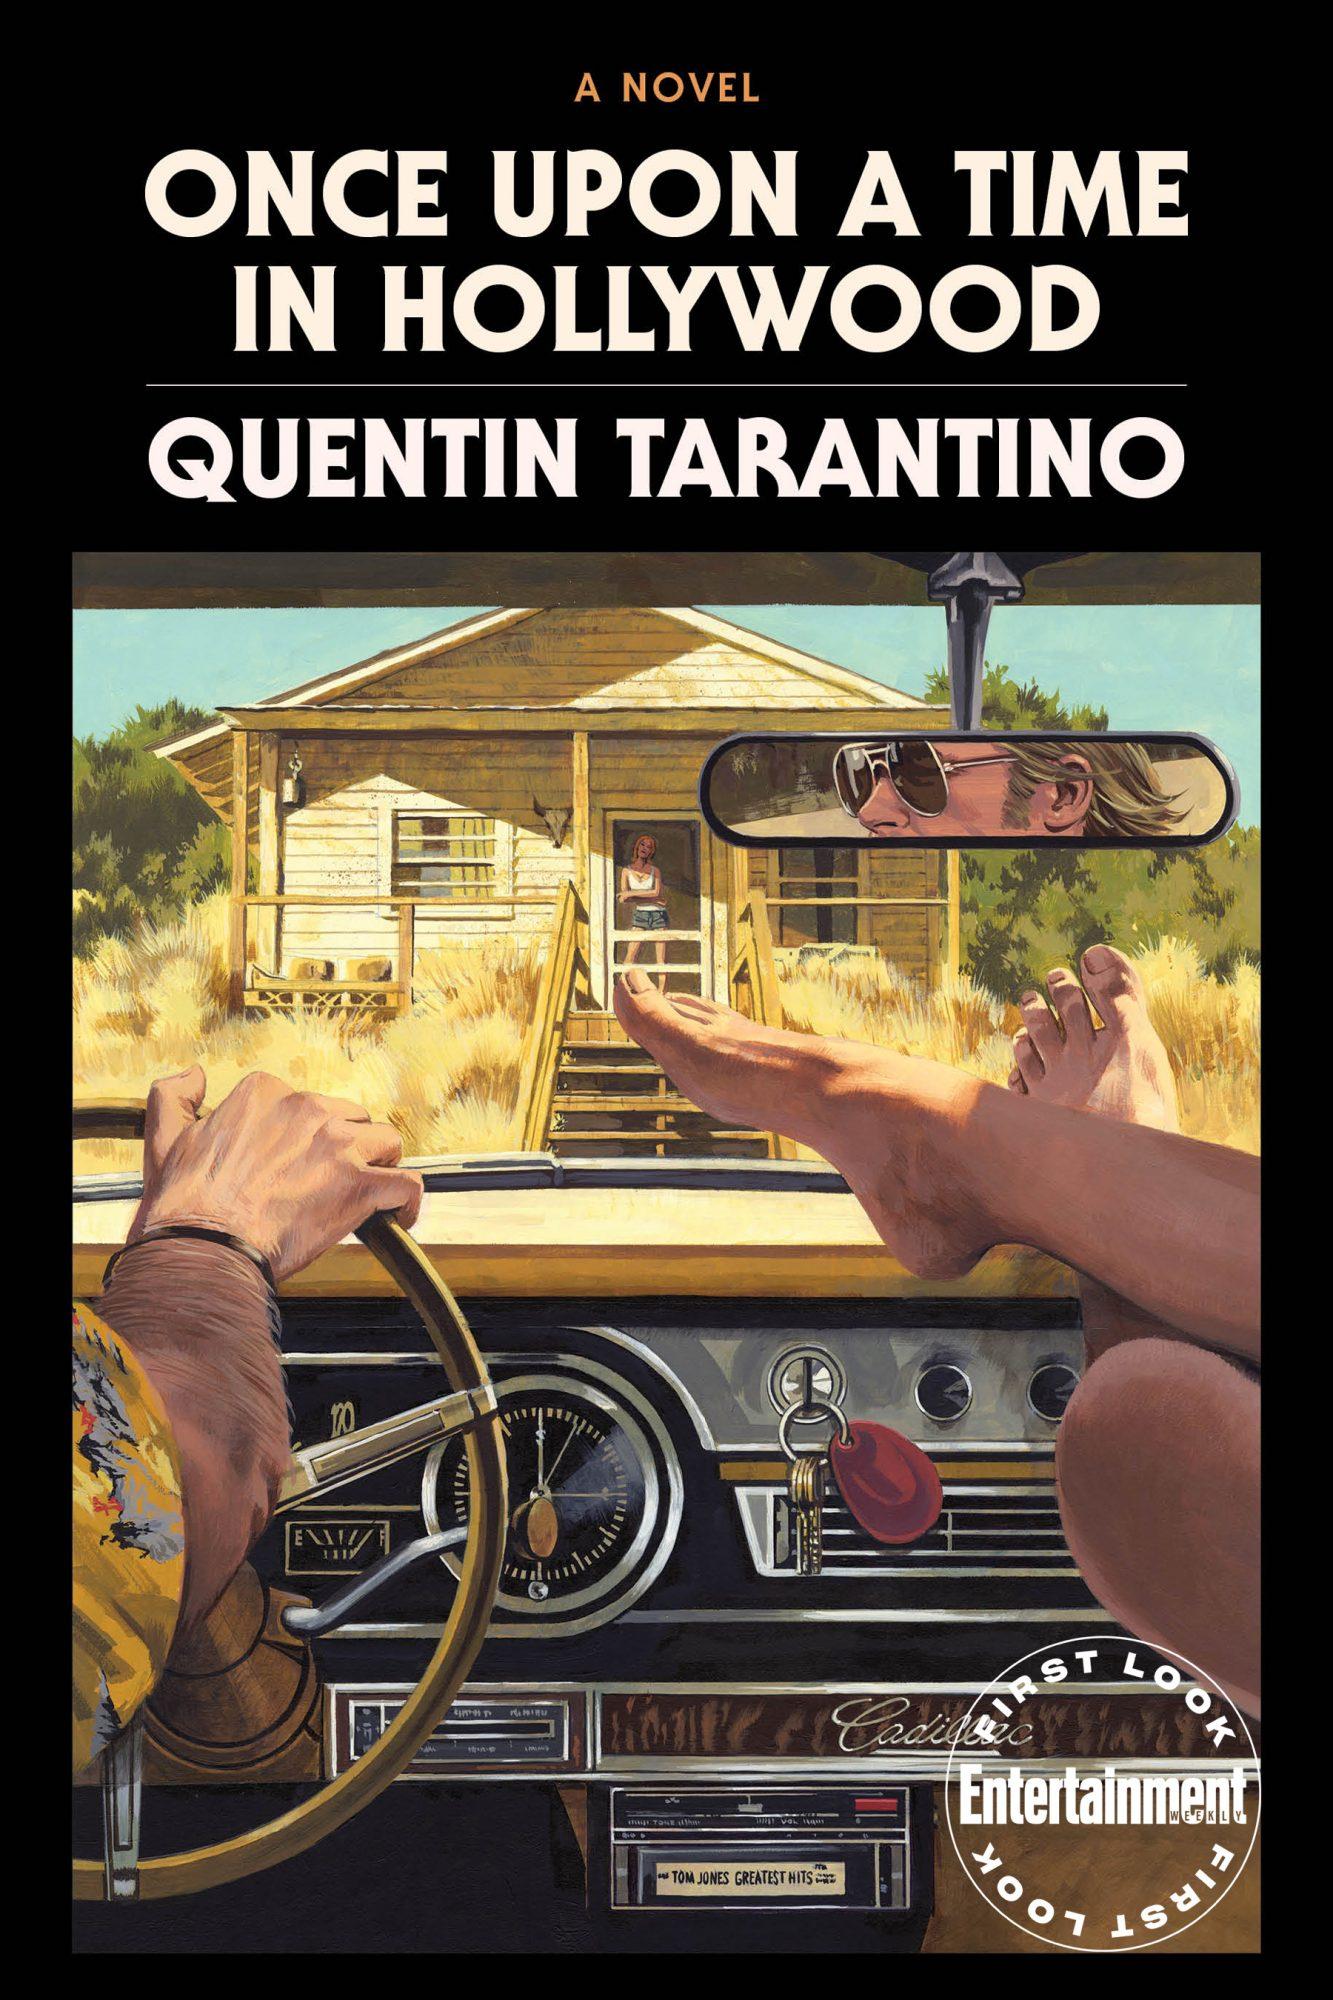 Уновеллизации «Однаждыв… Голливуде» Квентина Тарантино появились обложка